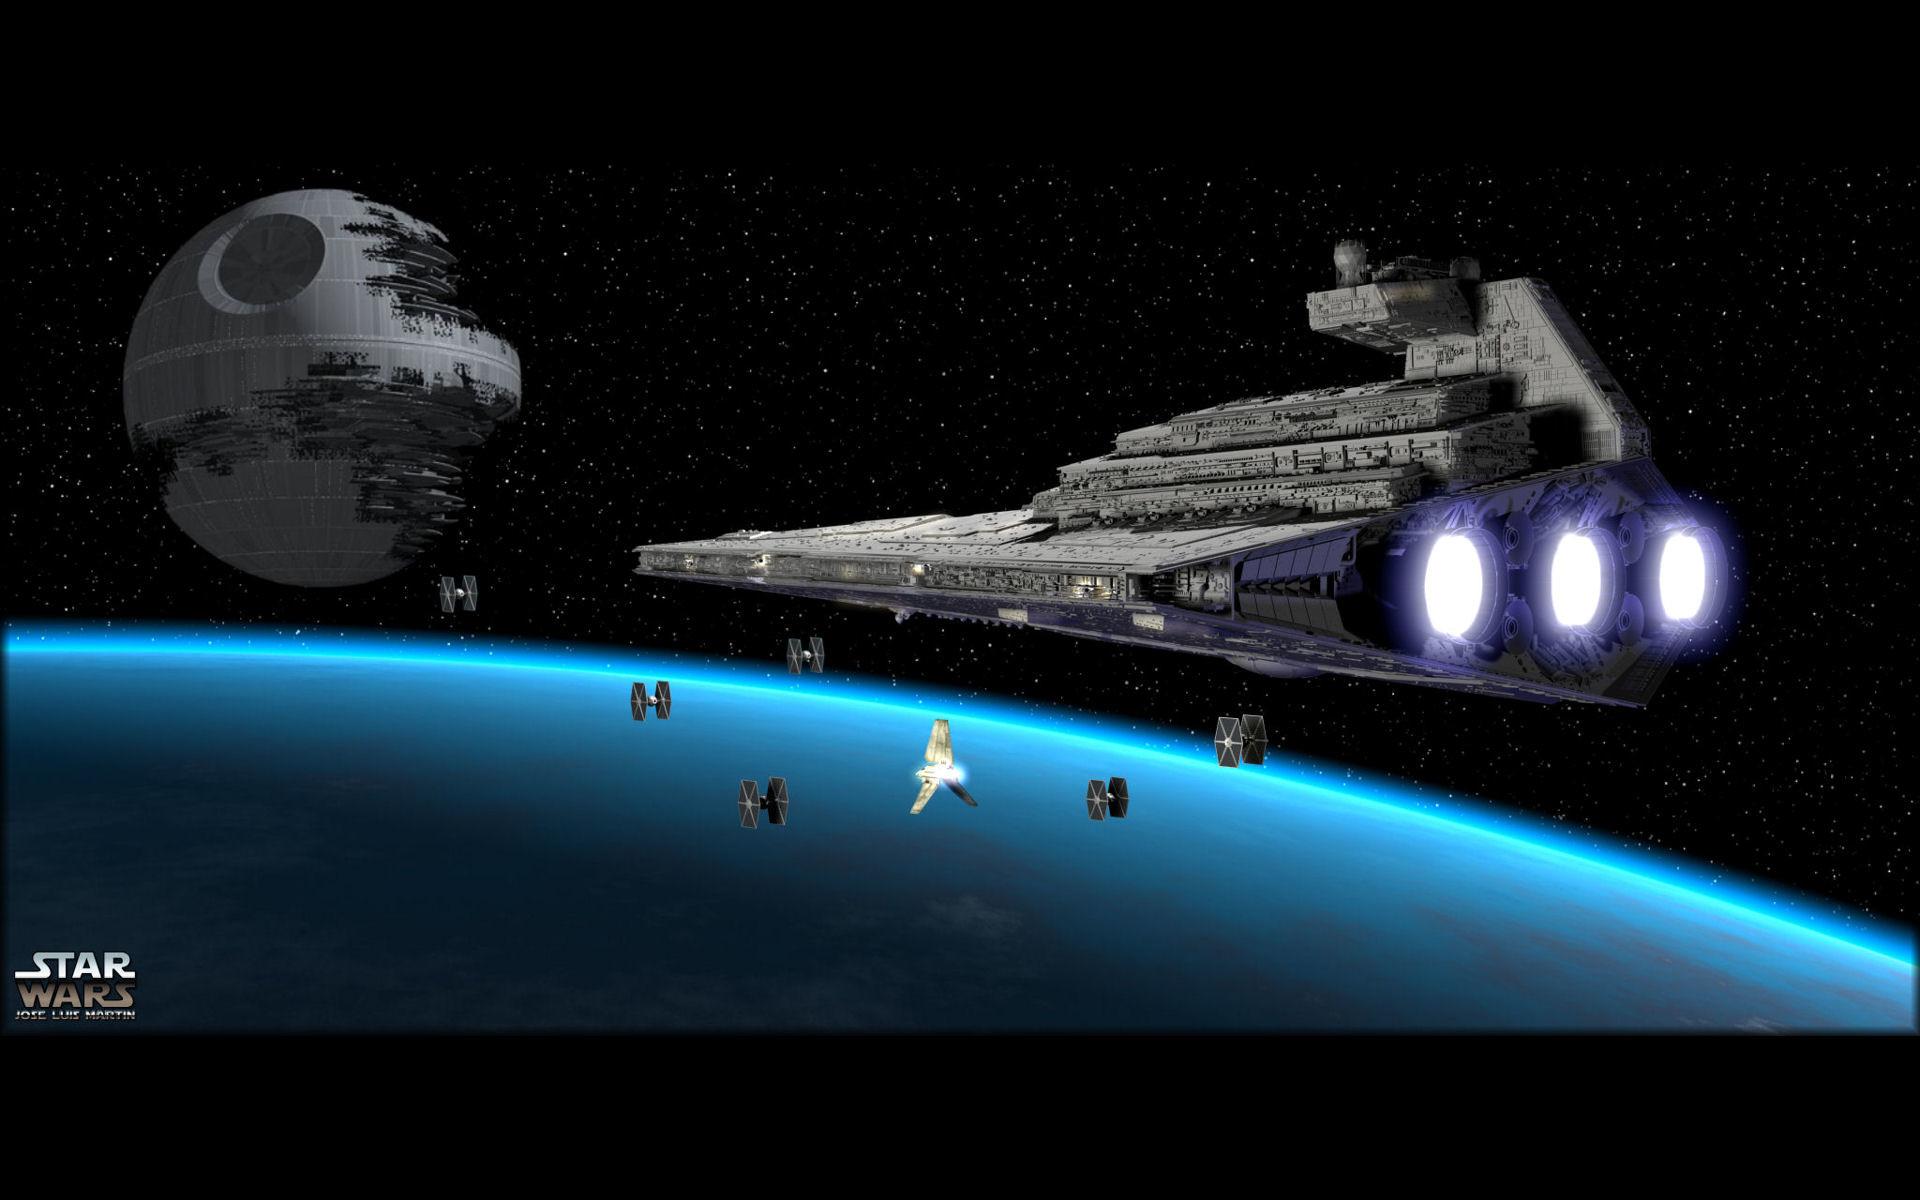 Sci Fi – Star Wars Death Star Star Destroyer TIE Fighter Wallpaper